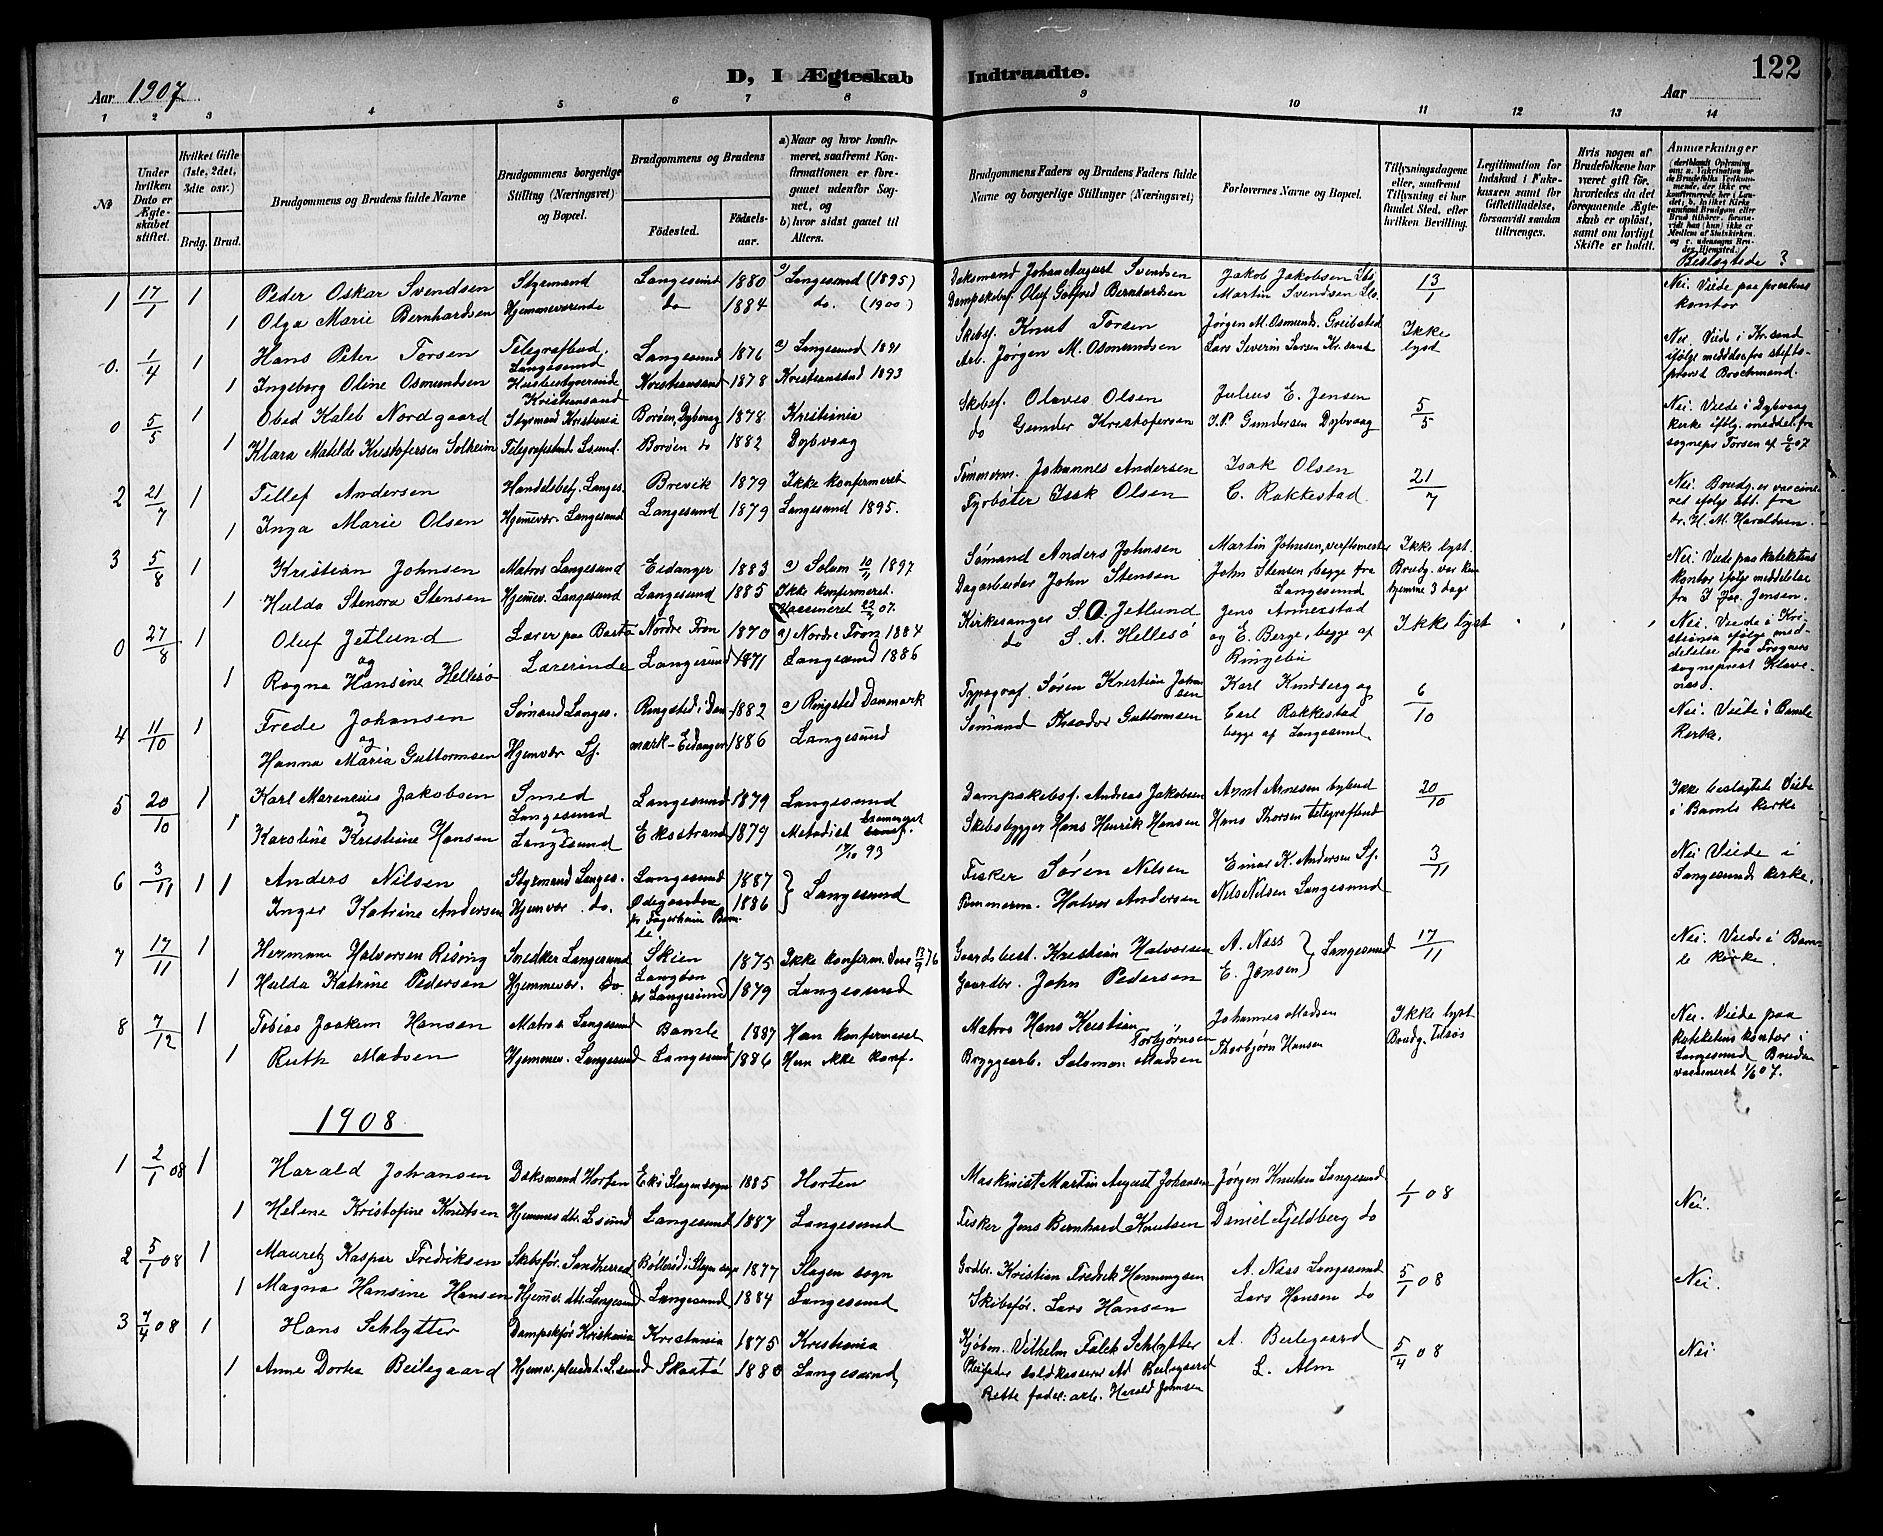 SAKO, Langesund kirkebøker, G/Ga/L0006: Klokkerbok nr. 6, 1899-1918, s. 122